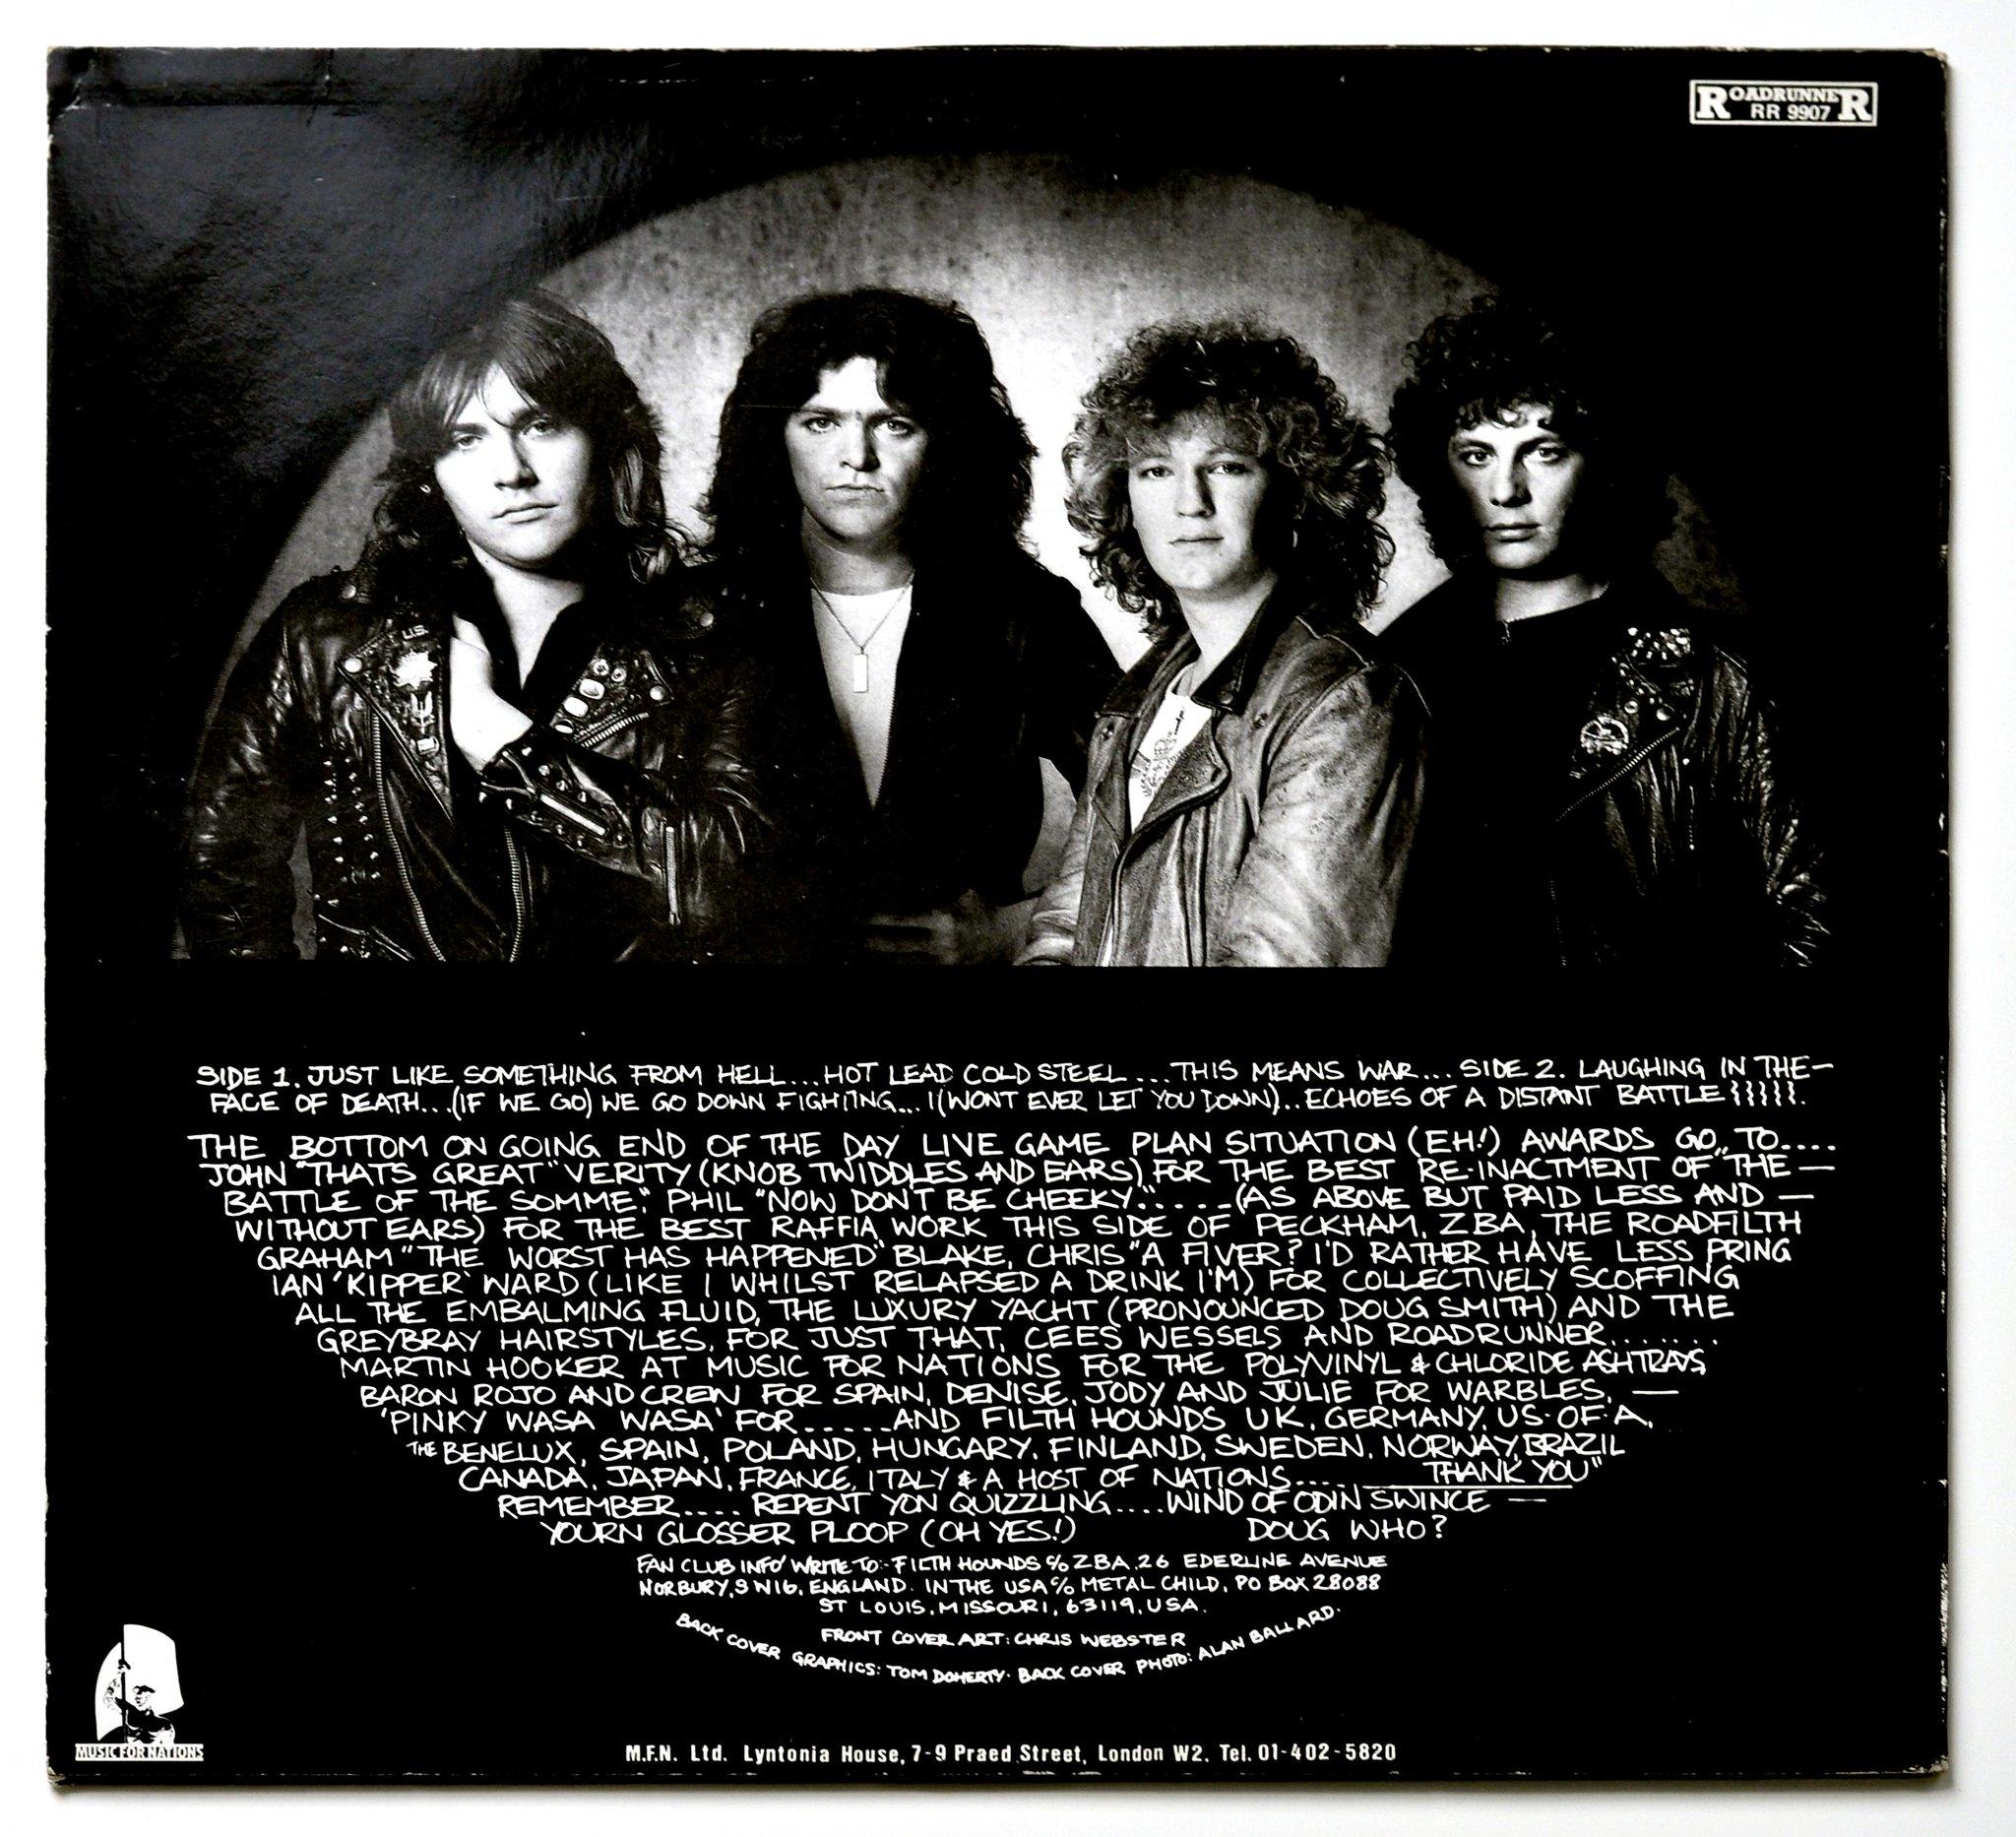 bd416bbd7b228 Tank this means war nwobhm heavy metal vinyl album jpg 2048x1866 Tank nwobhm